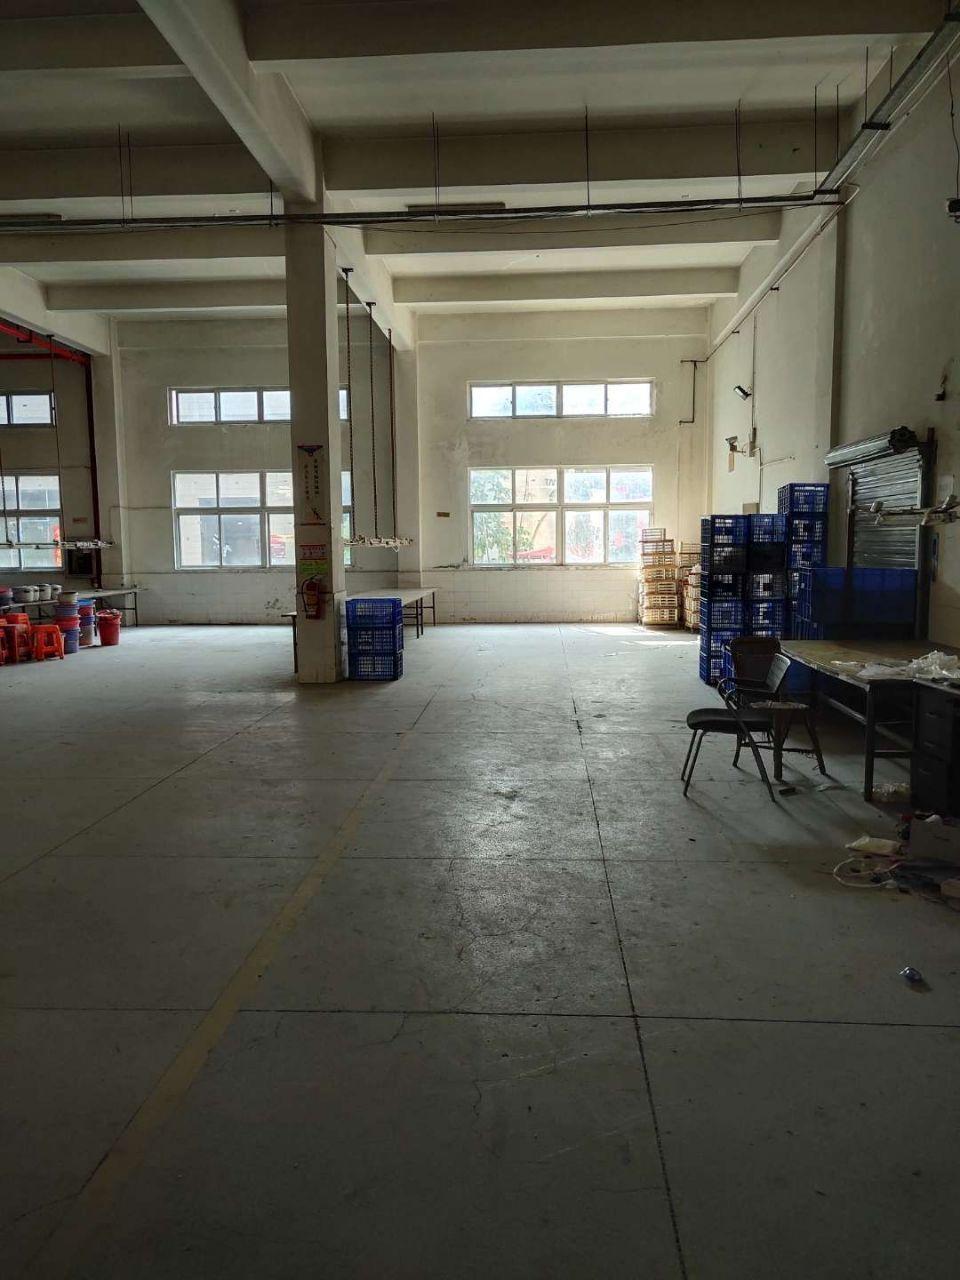 观澜环观南路边大型工业园内一楼厂房出租1600平米,层高6米-图4